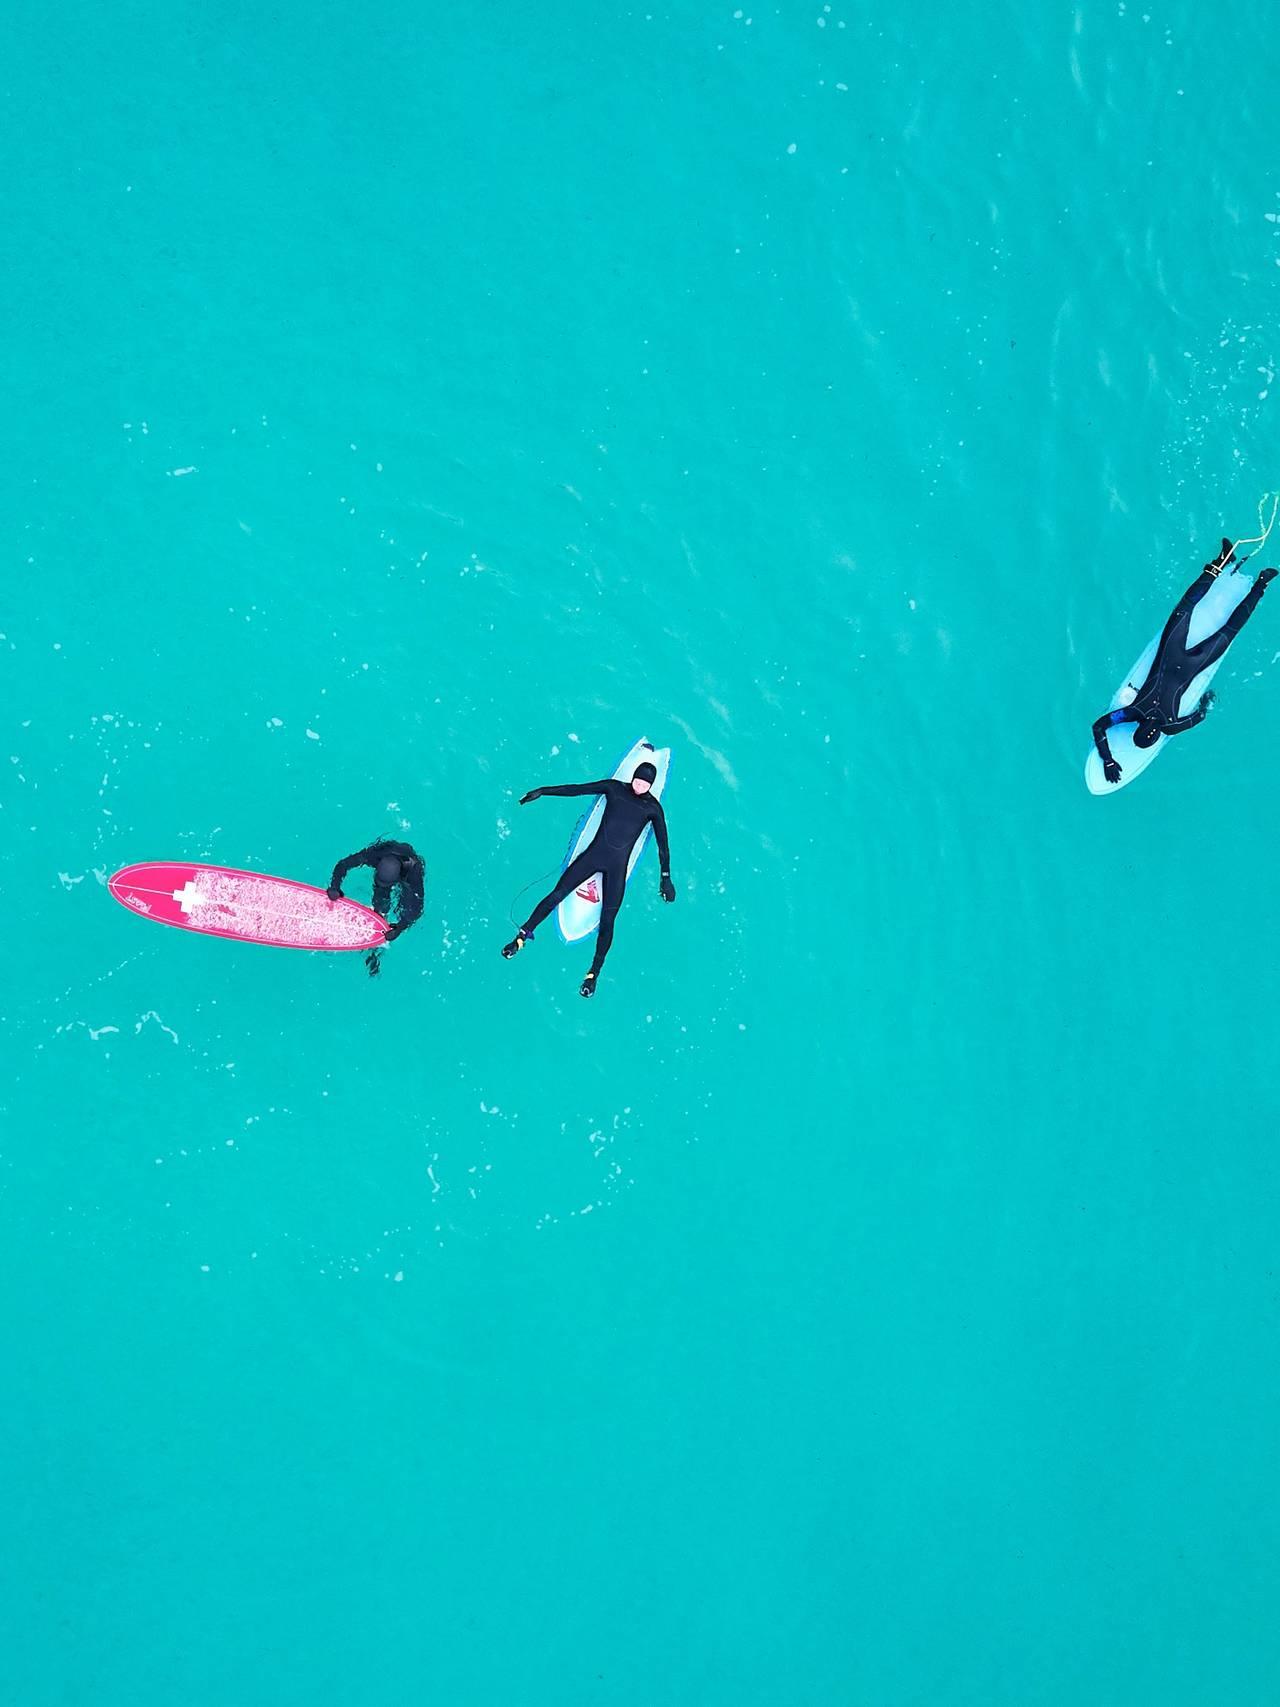 surfere ligger i vannet.